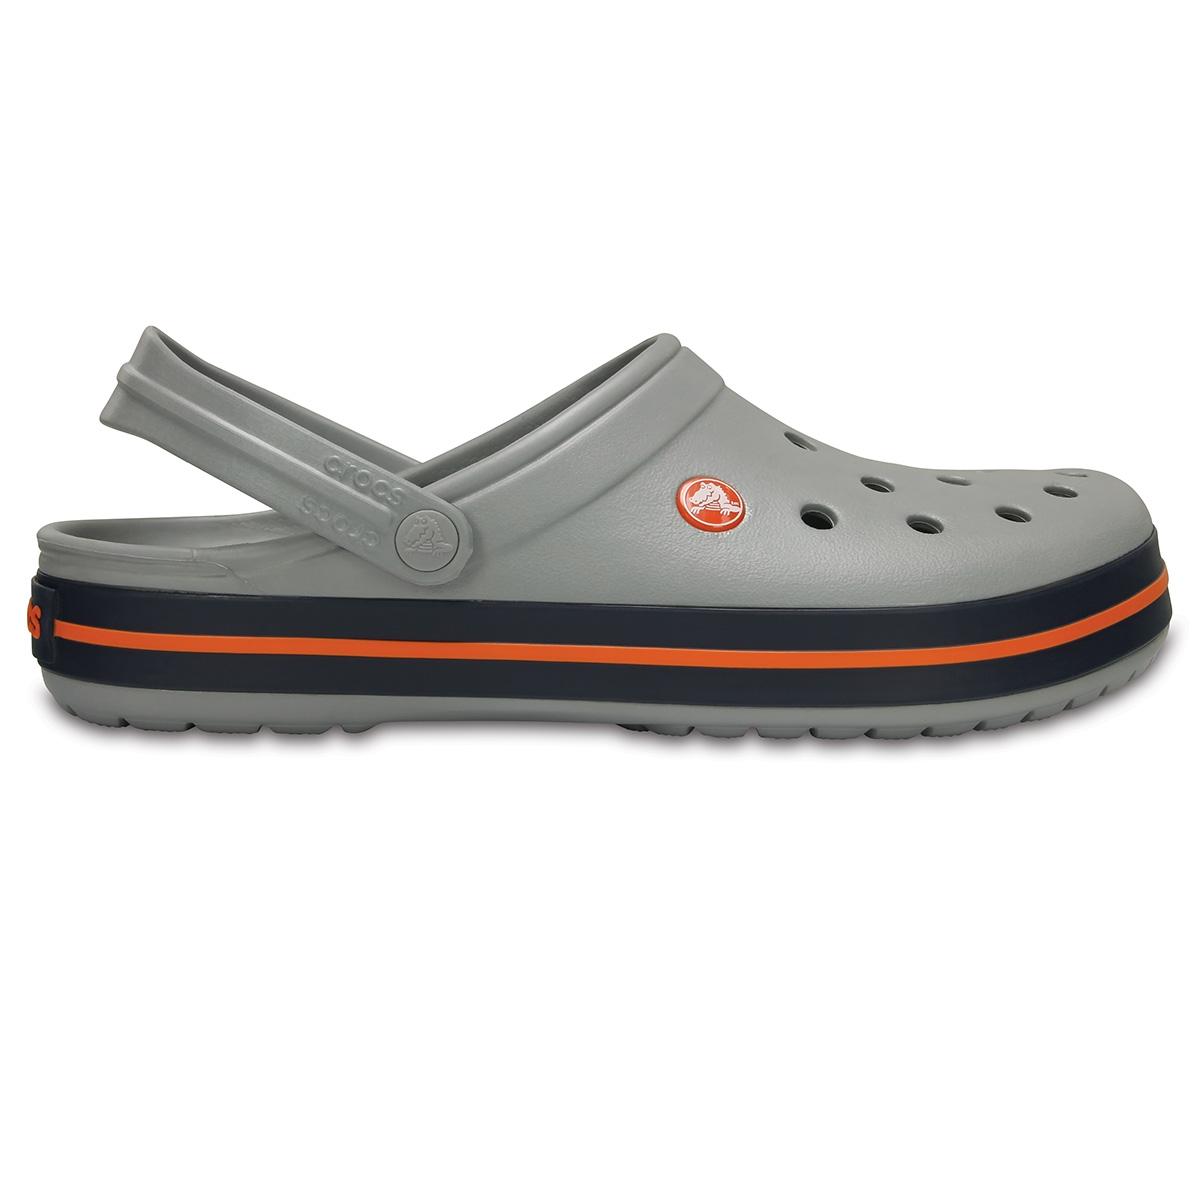 Crocs Crocband - Açık Gri/Lacivert